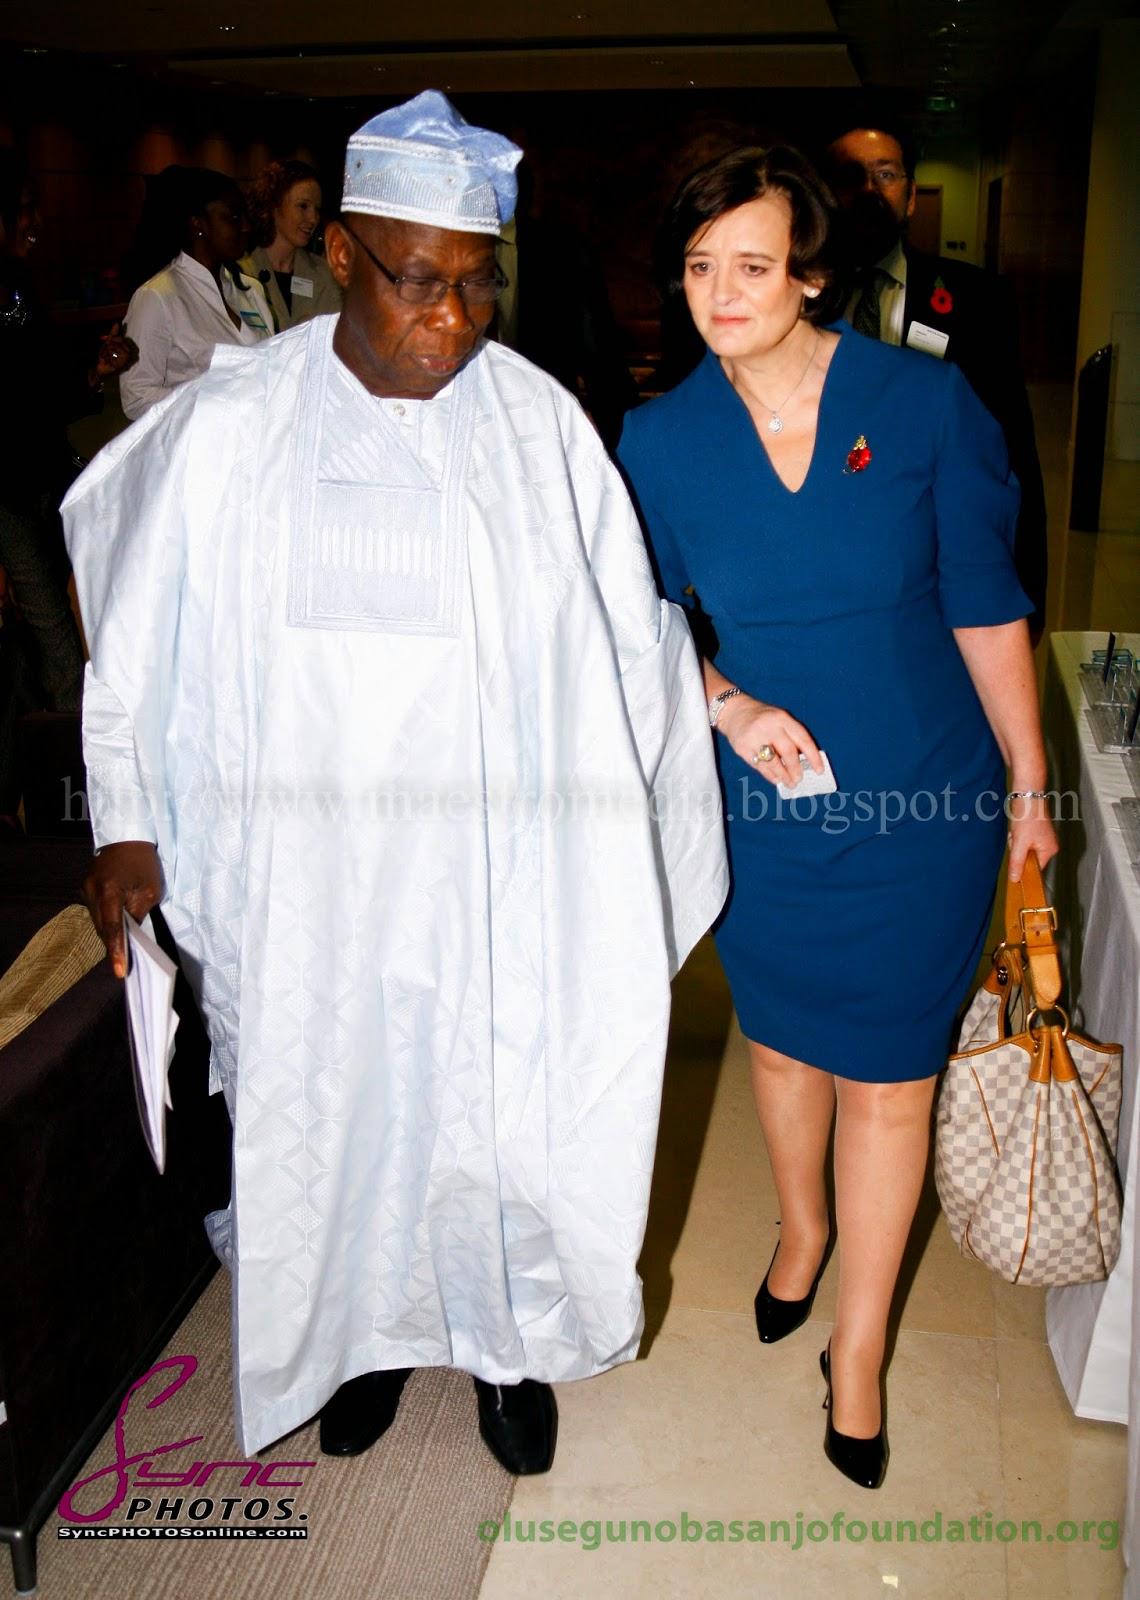 MG_3848+Olusegun_Obasanjo_White++Case_Breakfast_Seminar_6Nov2013_.jpg